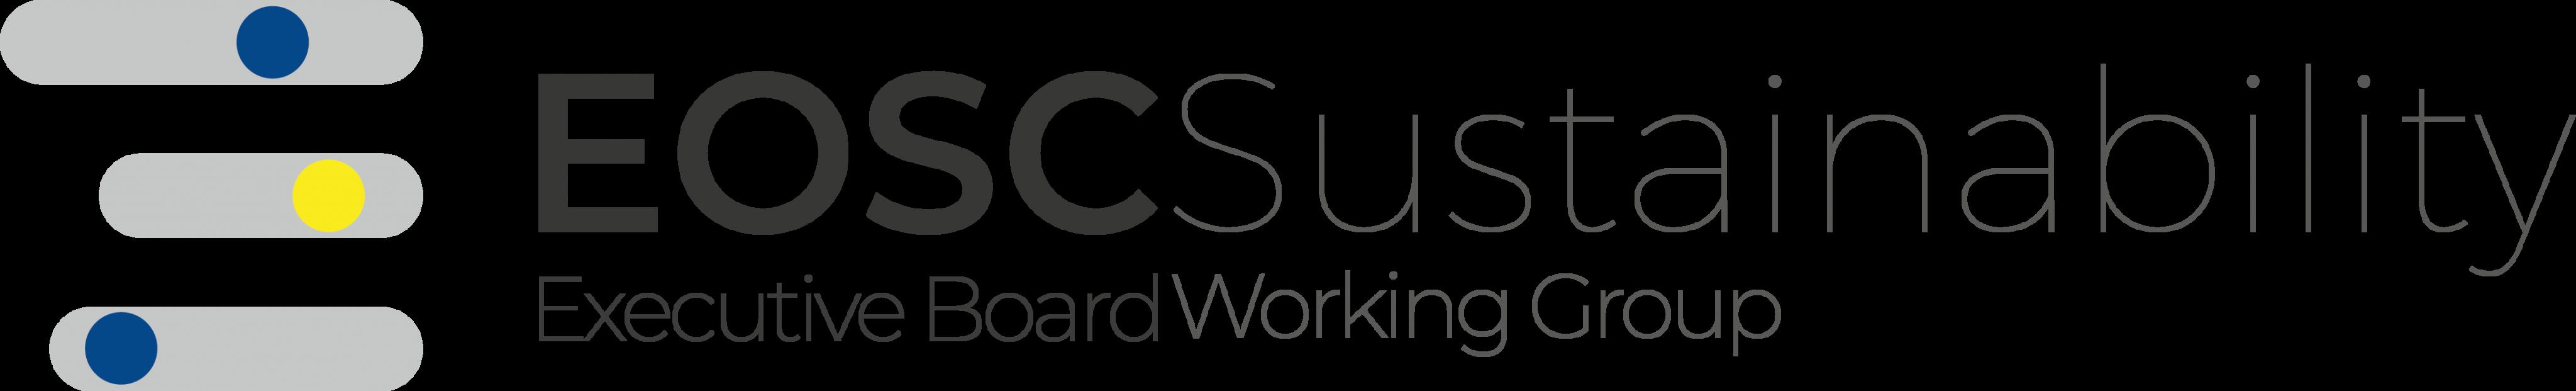 EOSC Sustainability WG Logo.png